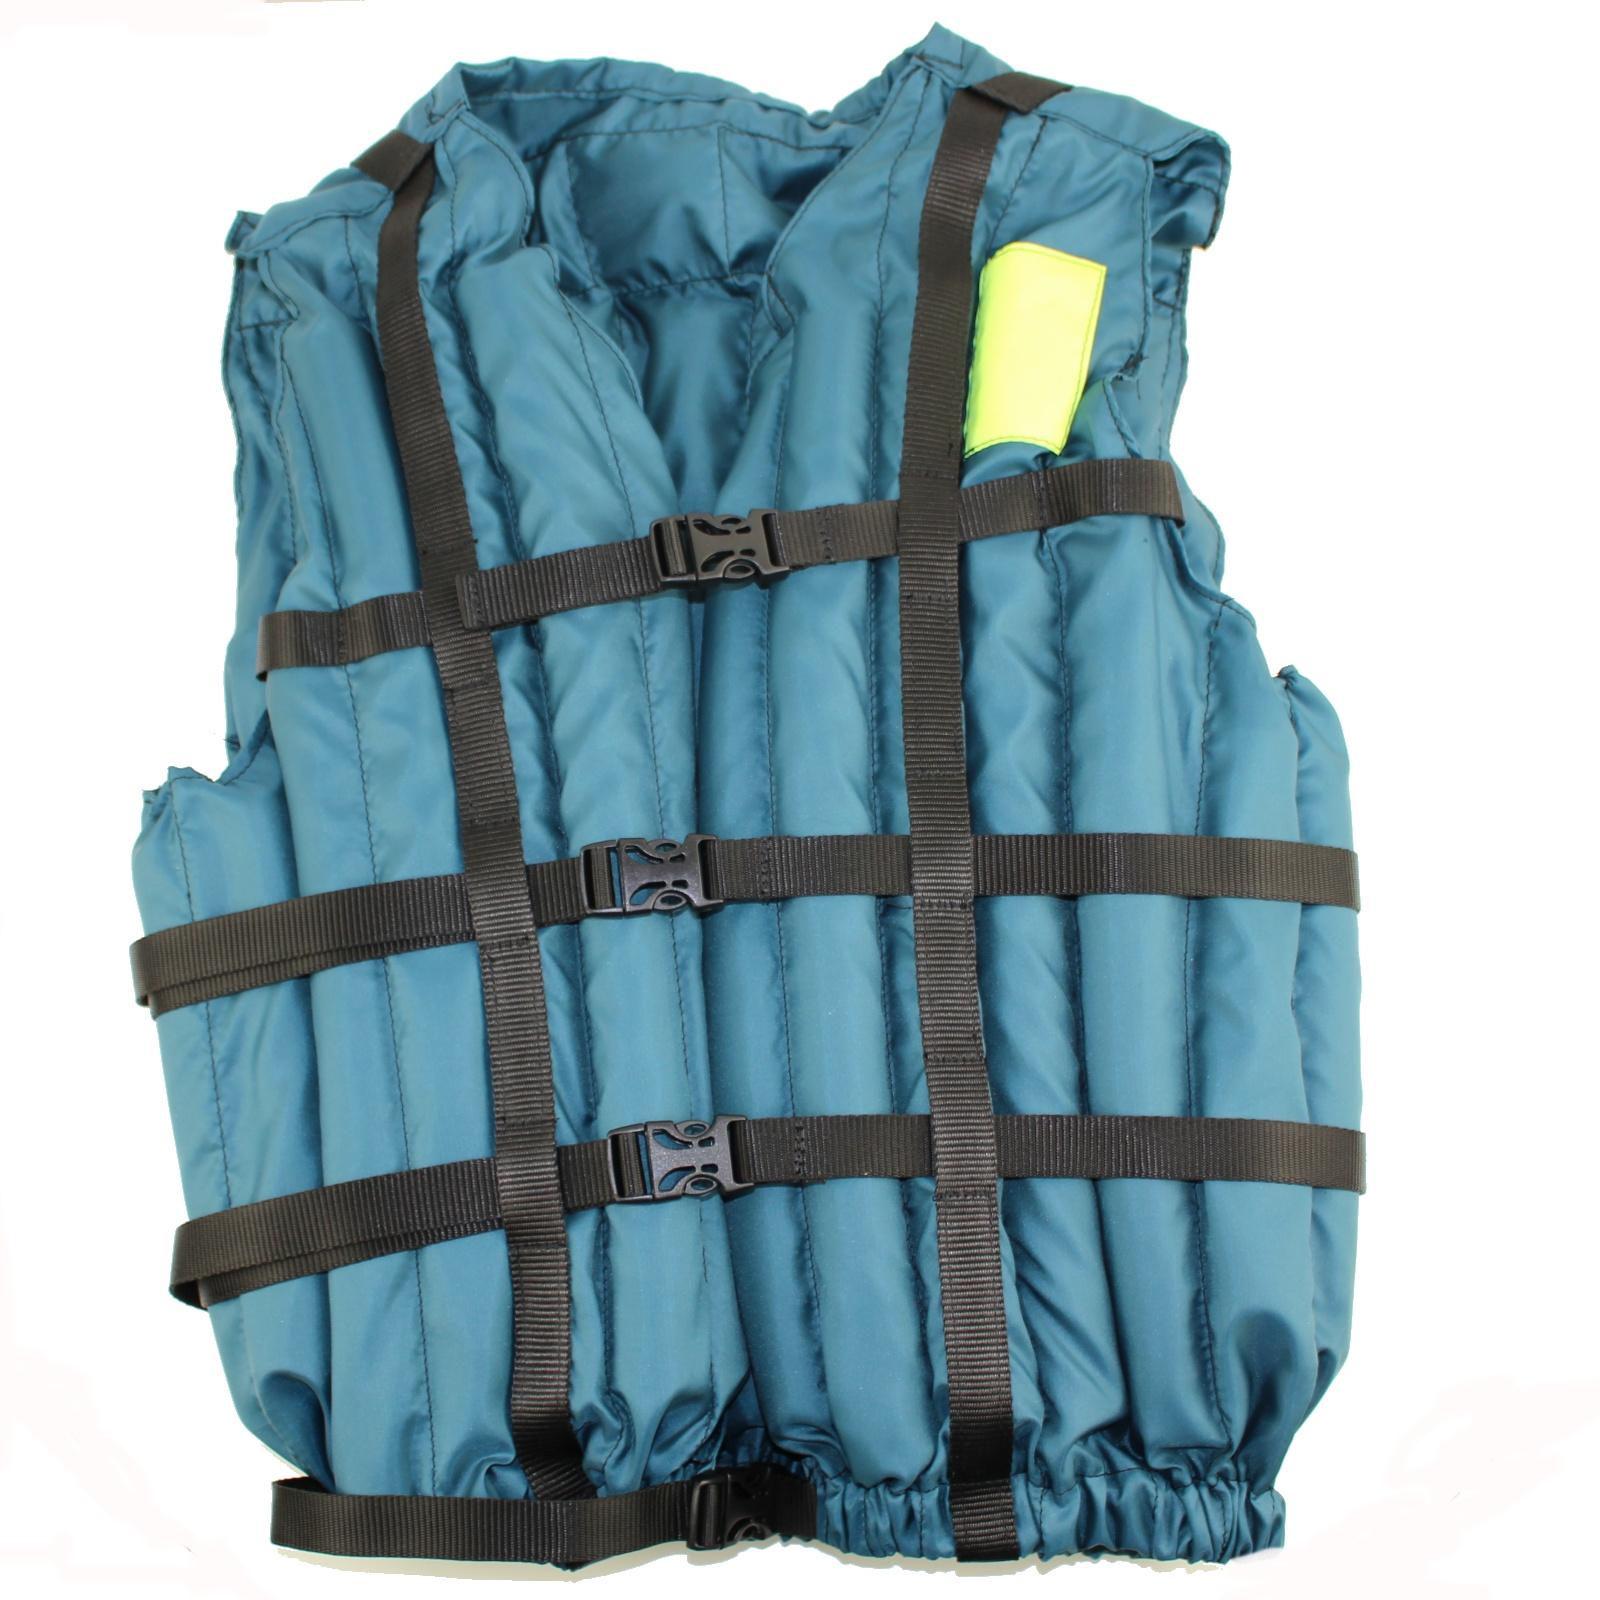 Plávacia vesta MAVEL tmavě modrá - veľ. L-XL